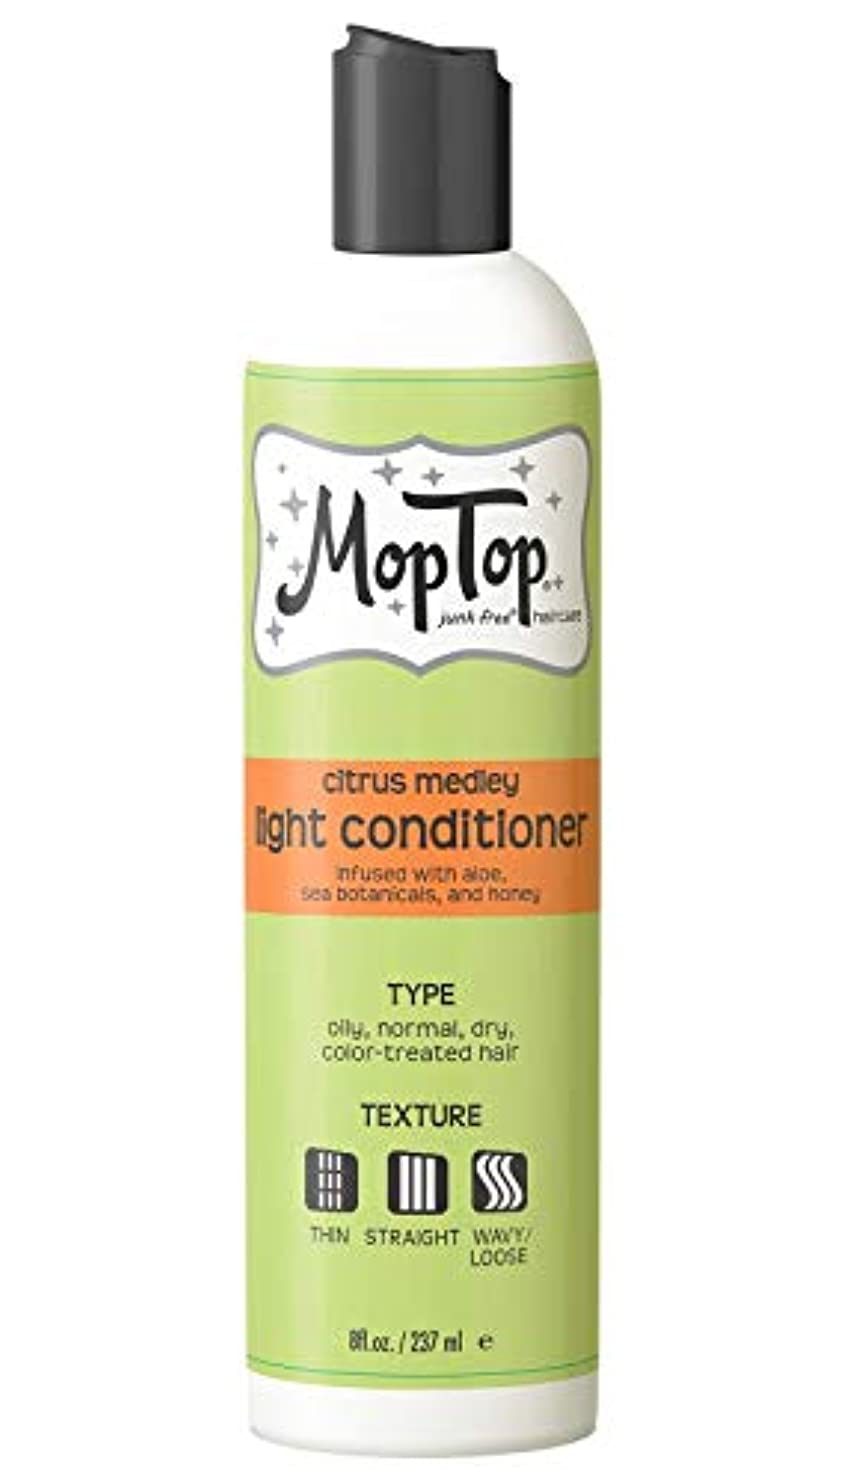 ハリケーン予想するスリップシューズMopTop Light Conditioner - Citrus Medley by MopTop